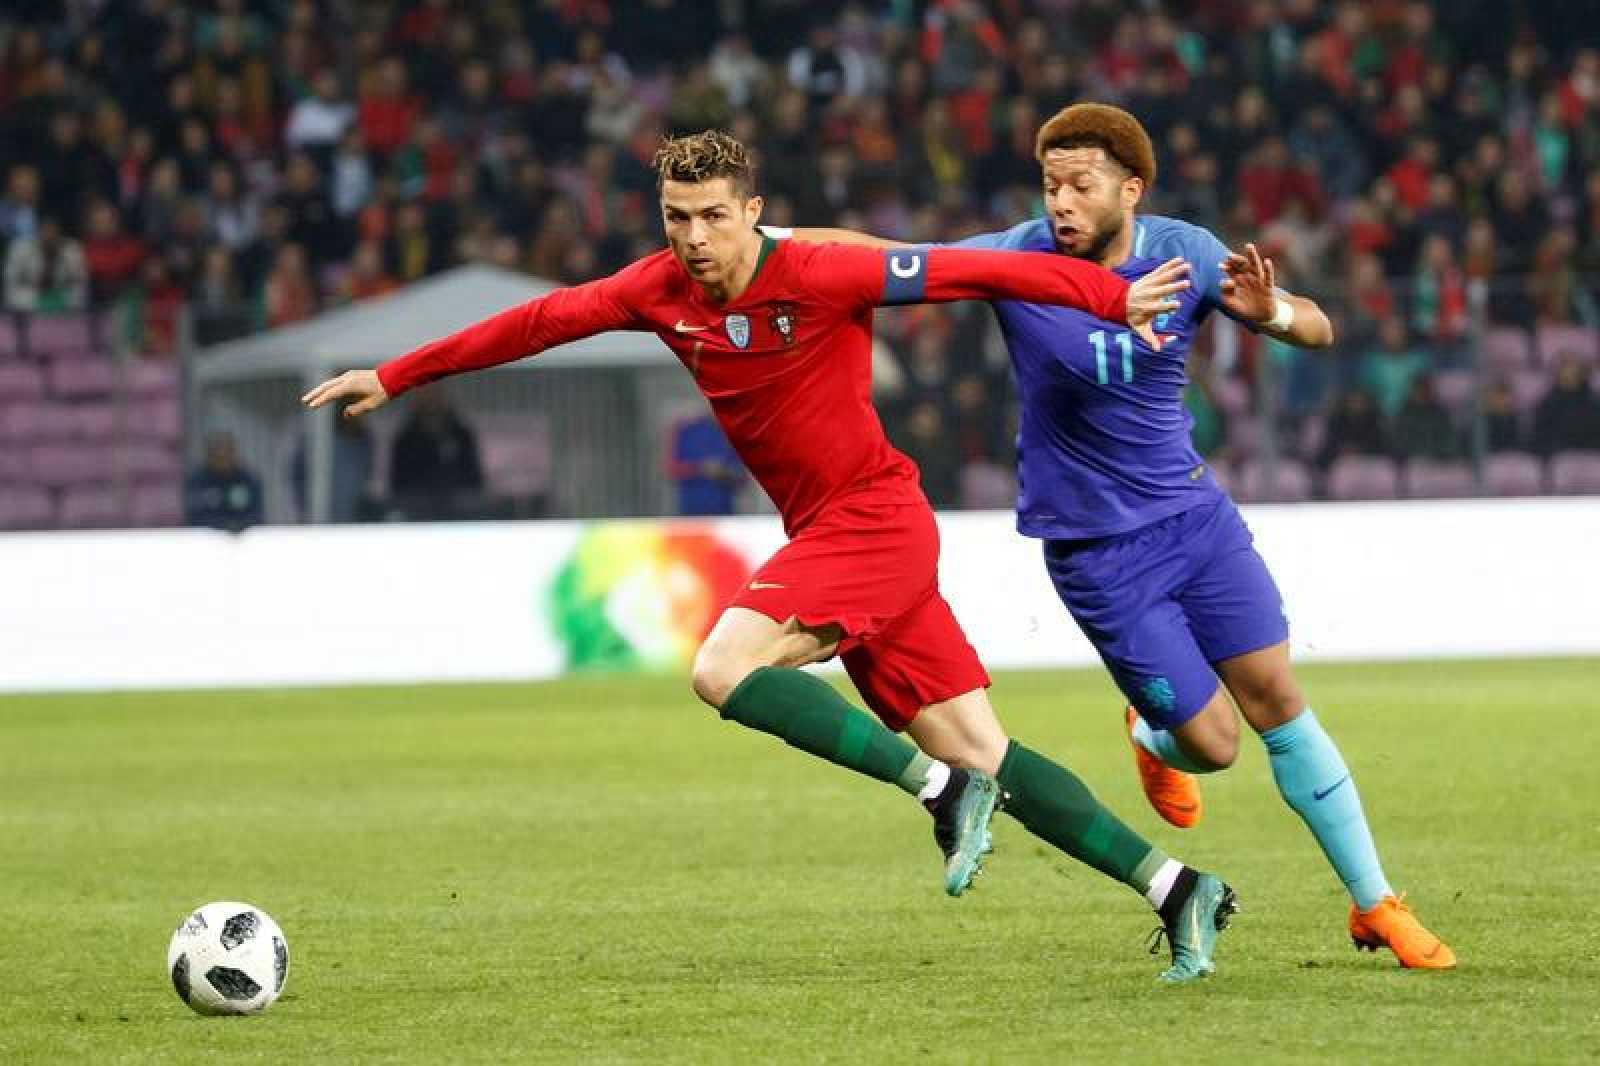 Cristiano Ronaldo, perseguido por Vilhena, en un Portugal-Holanda del año pasado